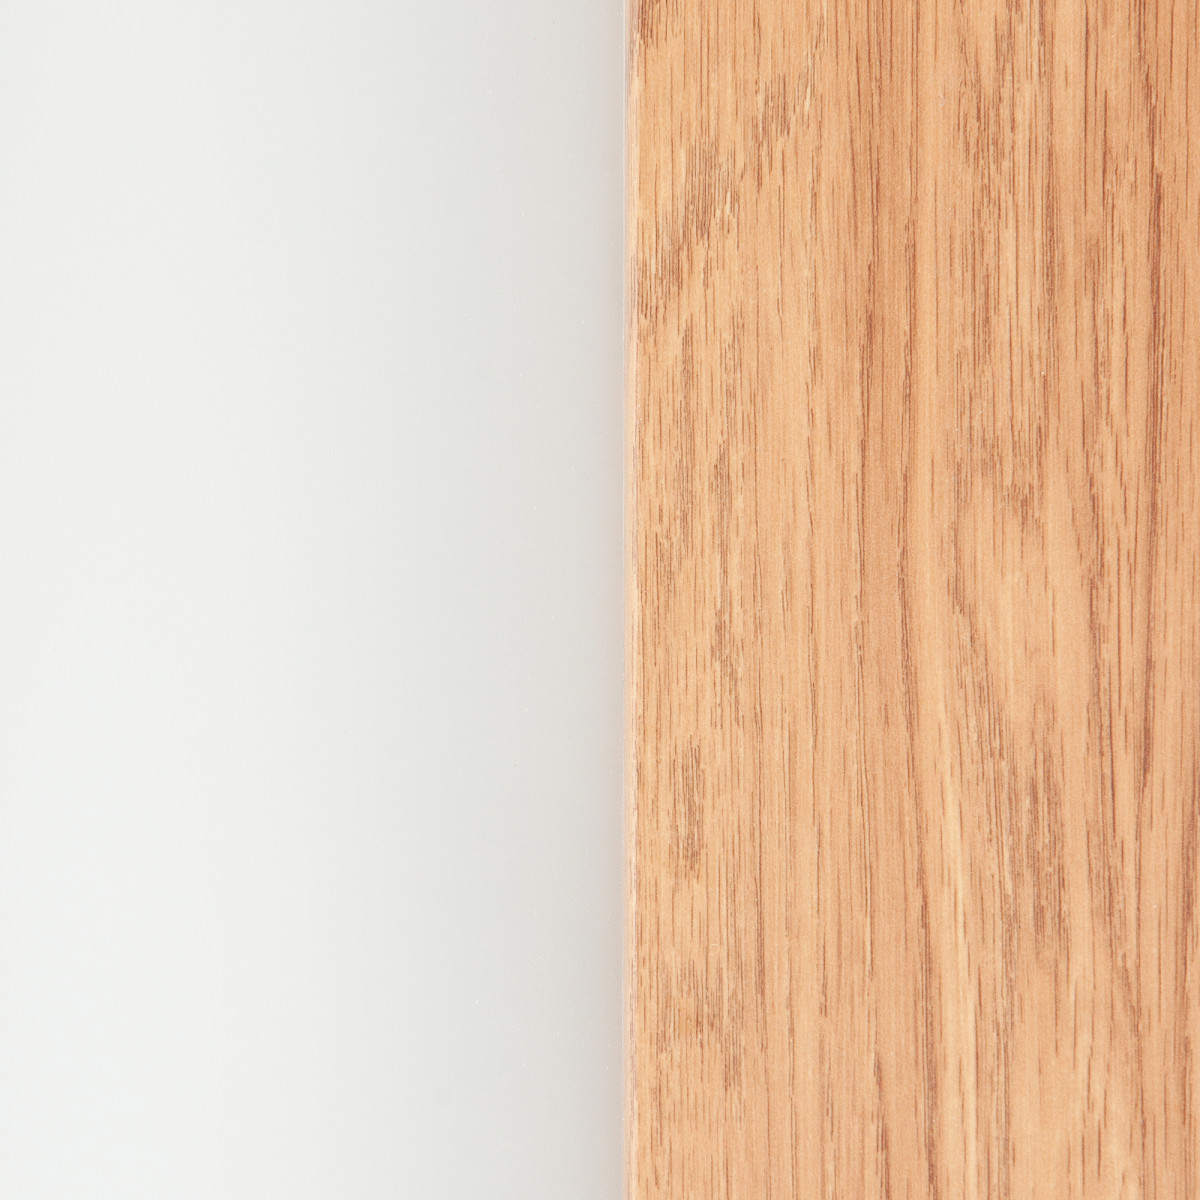 Дверь Межкомнатная Остеклённая Кантри 70x200 Пвх Цвет Дуб Арагон С Фурнитурой